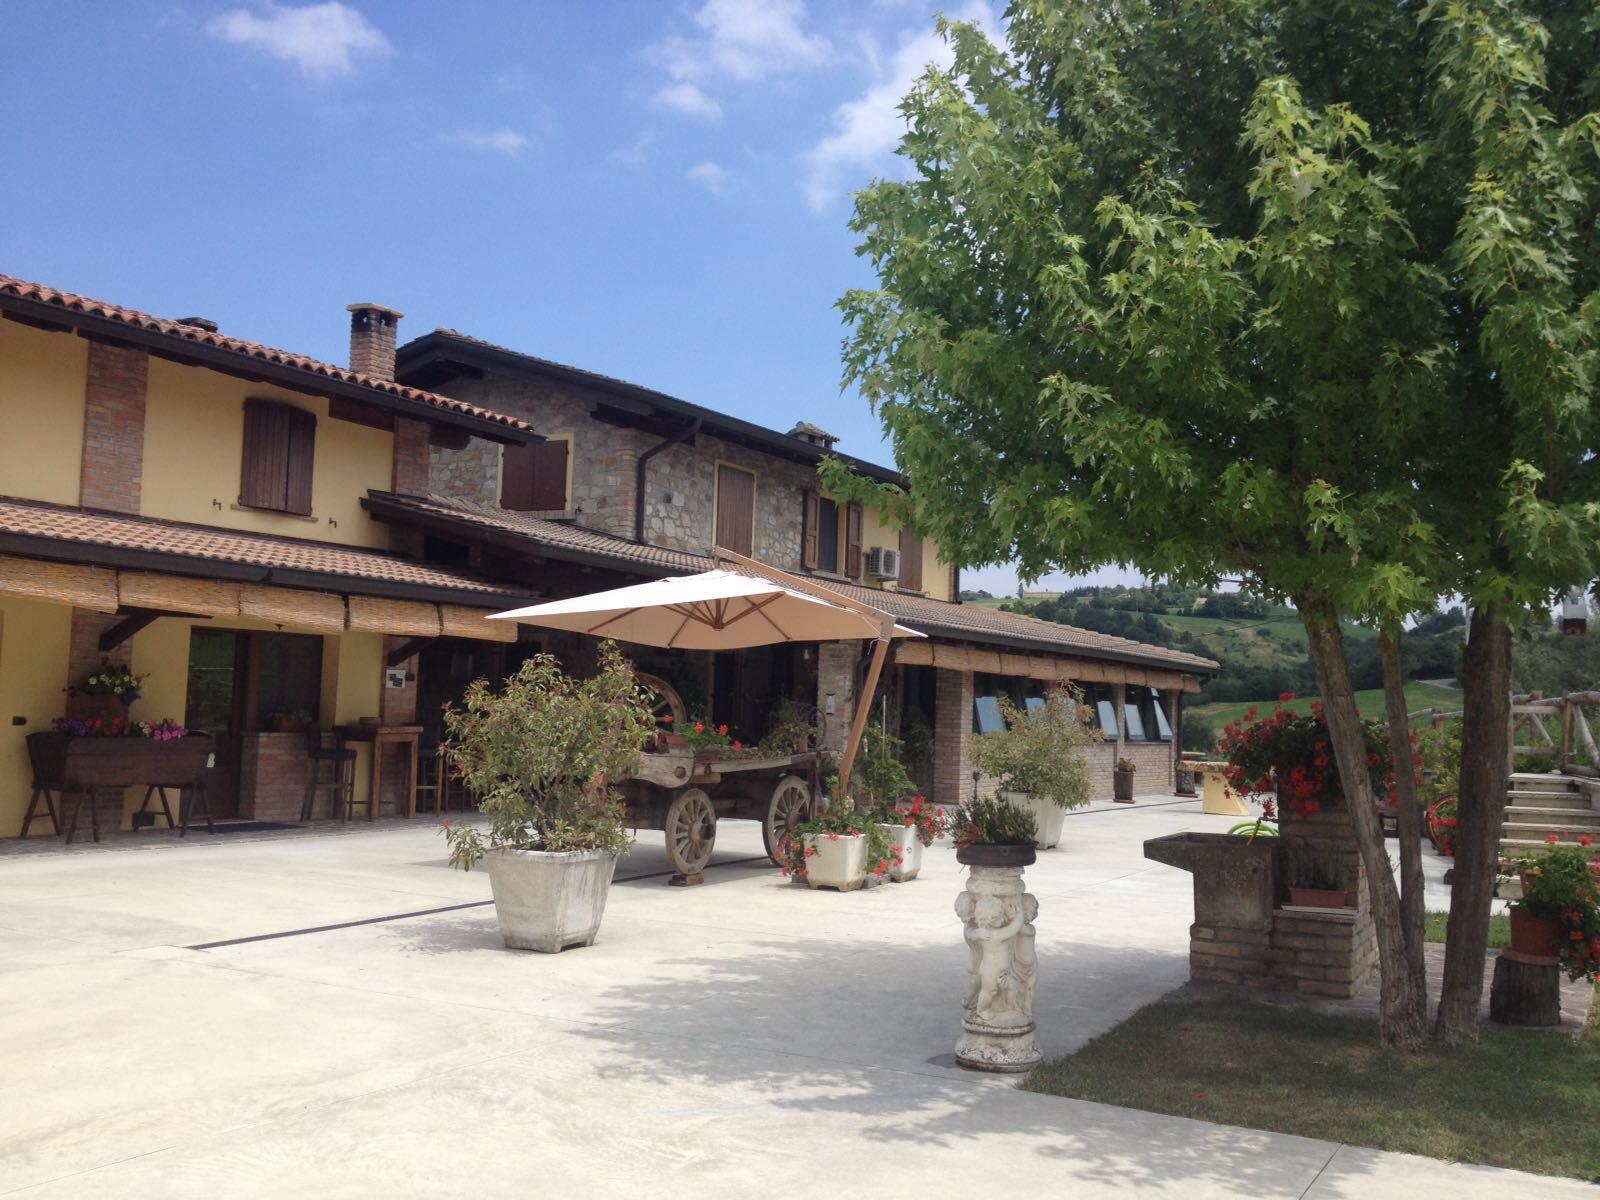 Parma-2016-06-16 (25)